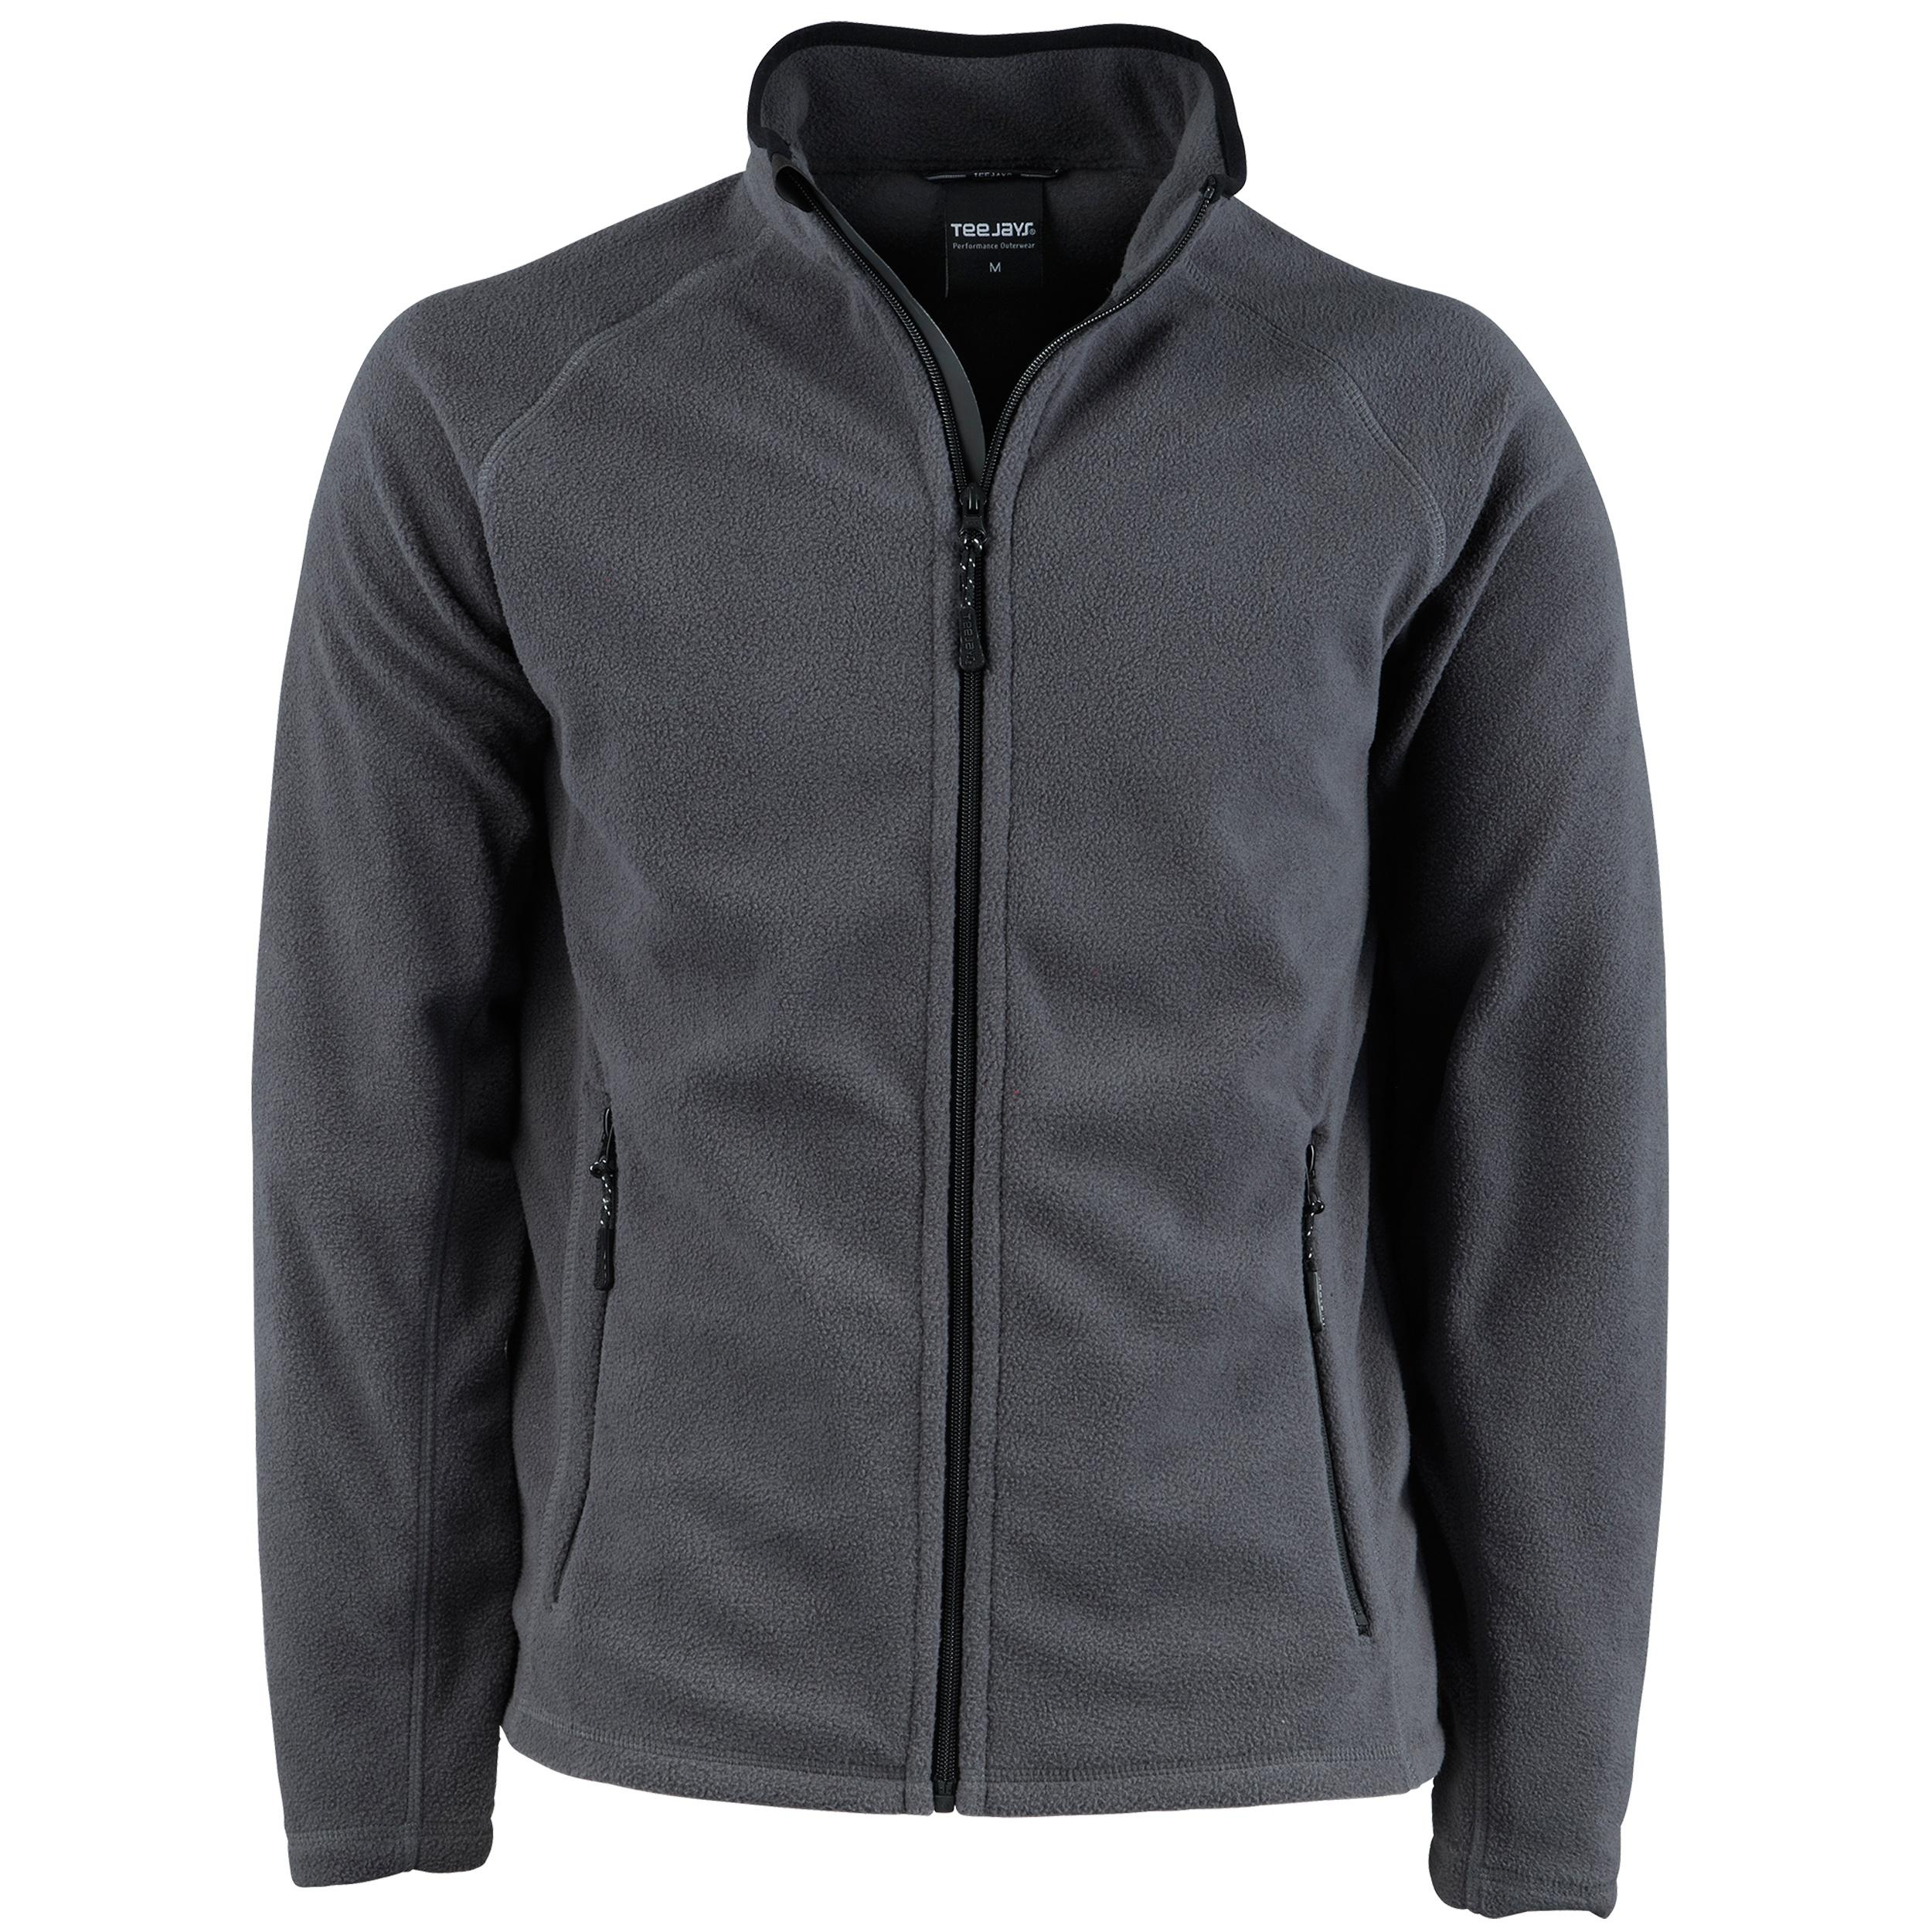 Tee Jays Mens Full Zip Active Lightweight Fleece Jacket (XL) (Dark Grey)